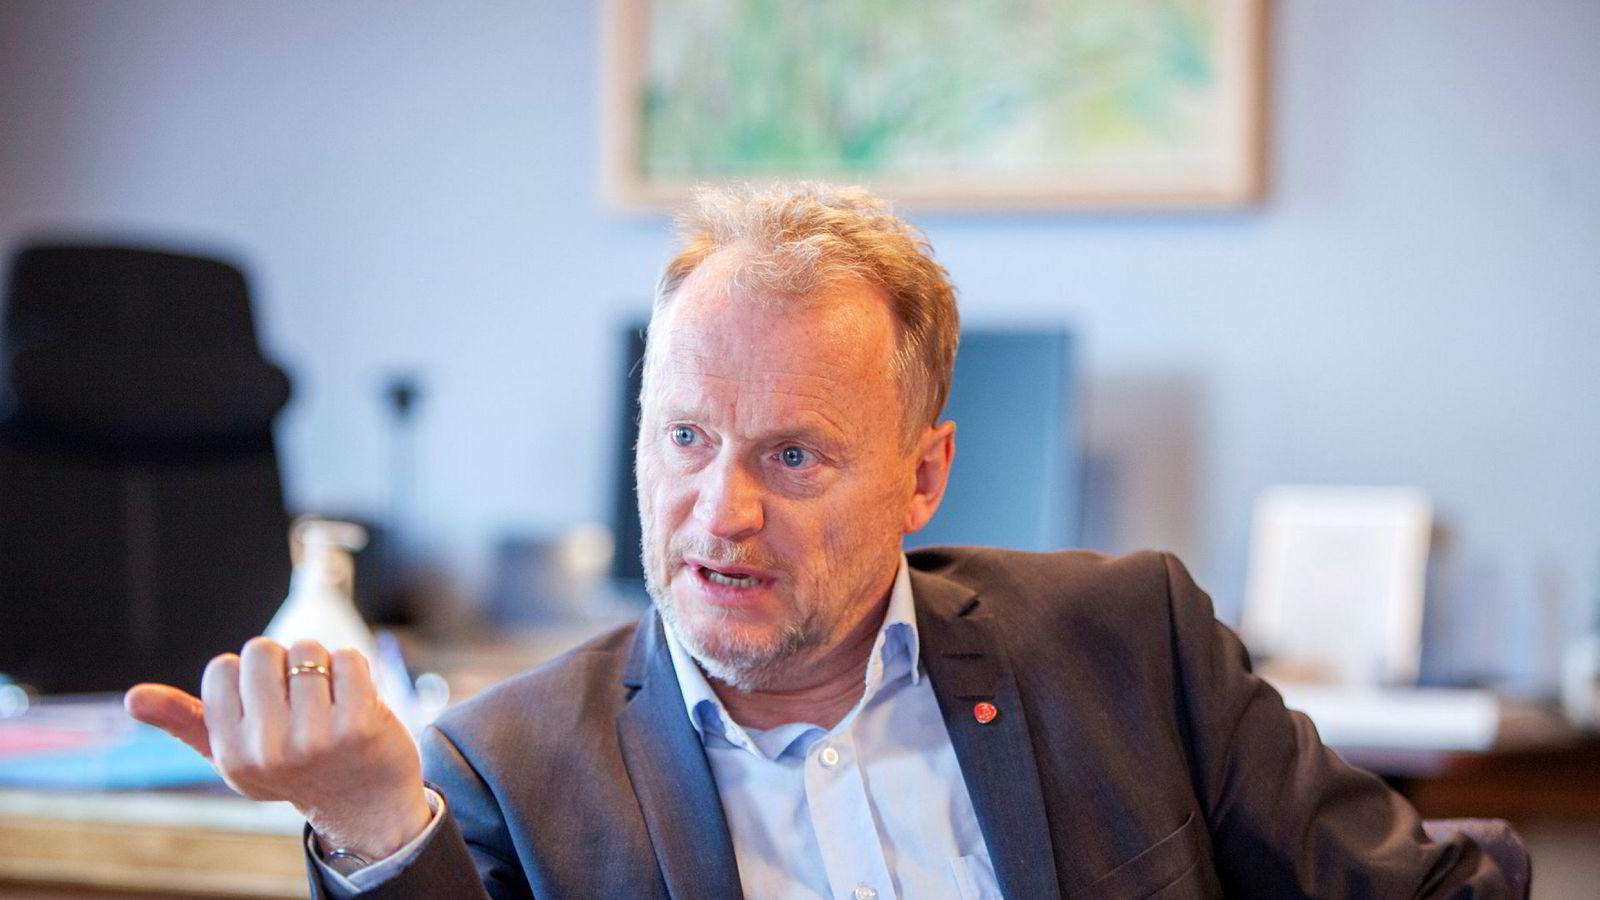 Oslos byrådsleder Raymond Johansen (Ap) utspill om at Oljefondet bør trekke seg ut av helse- og omsorgsselskapet Attendo, har skapt reaksjoner.